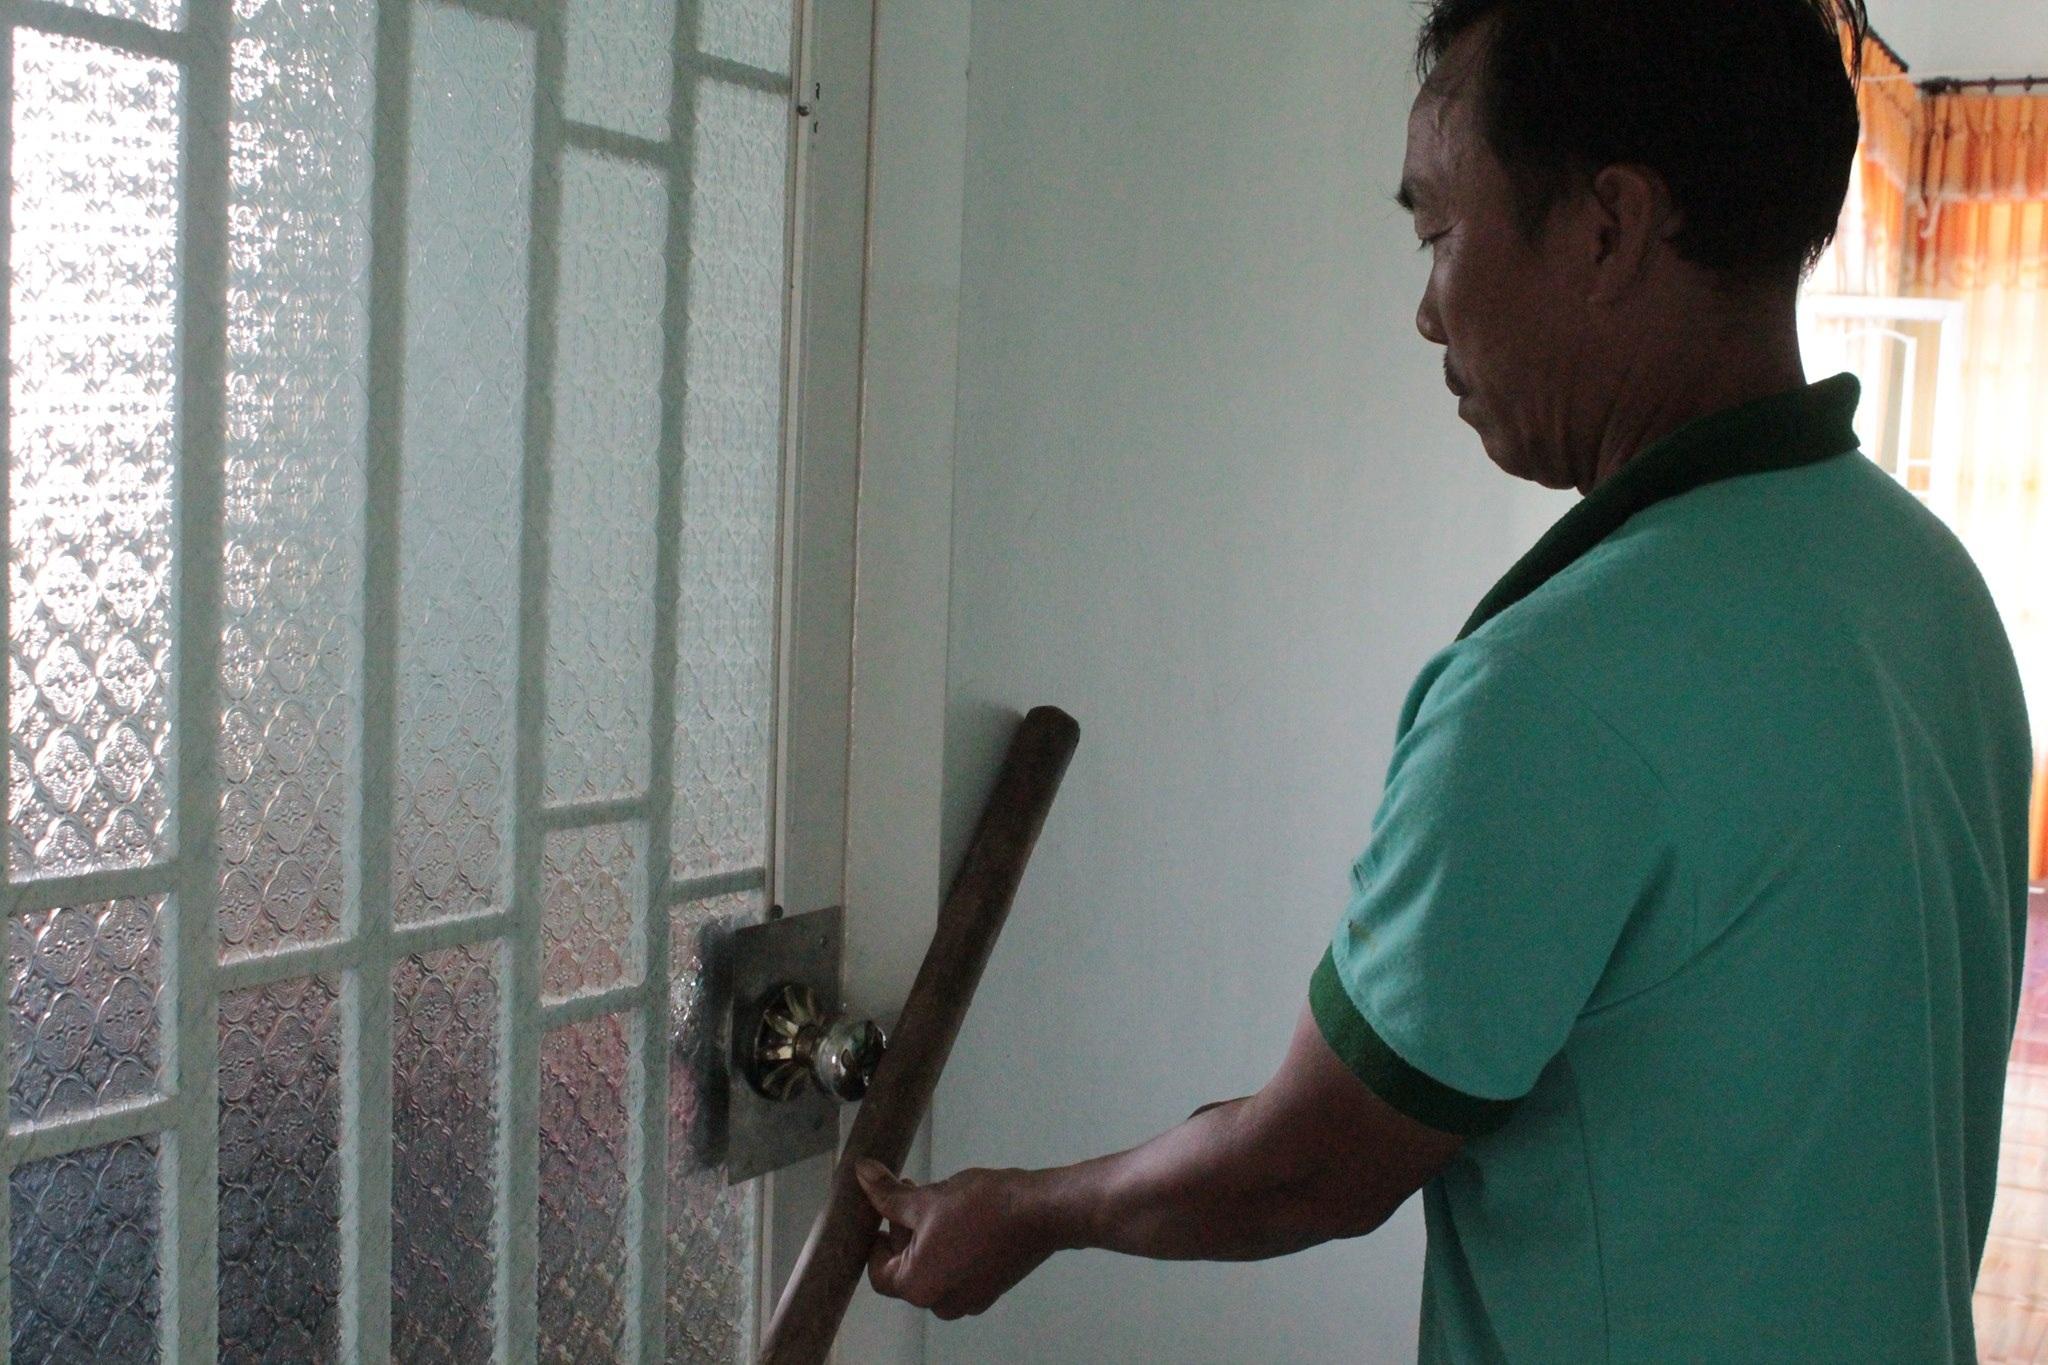 Cửa phòng nơi cháu Phong bị kẻ trộm nhốt lại